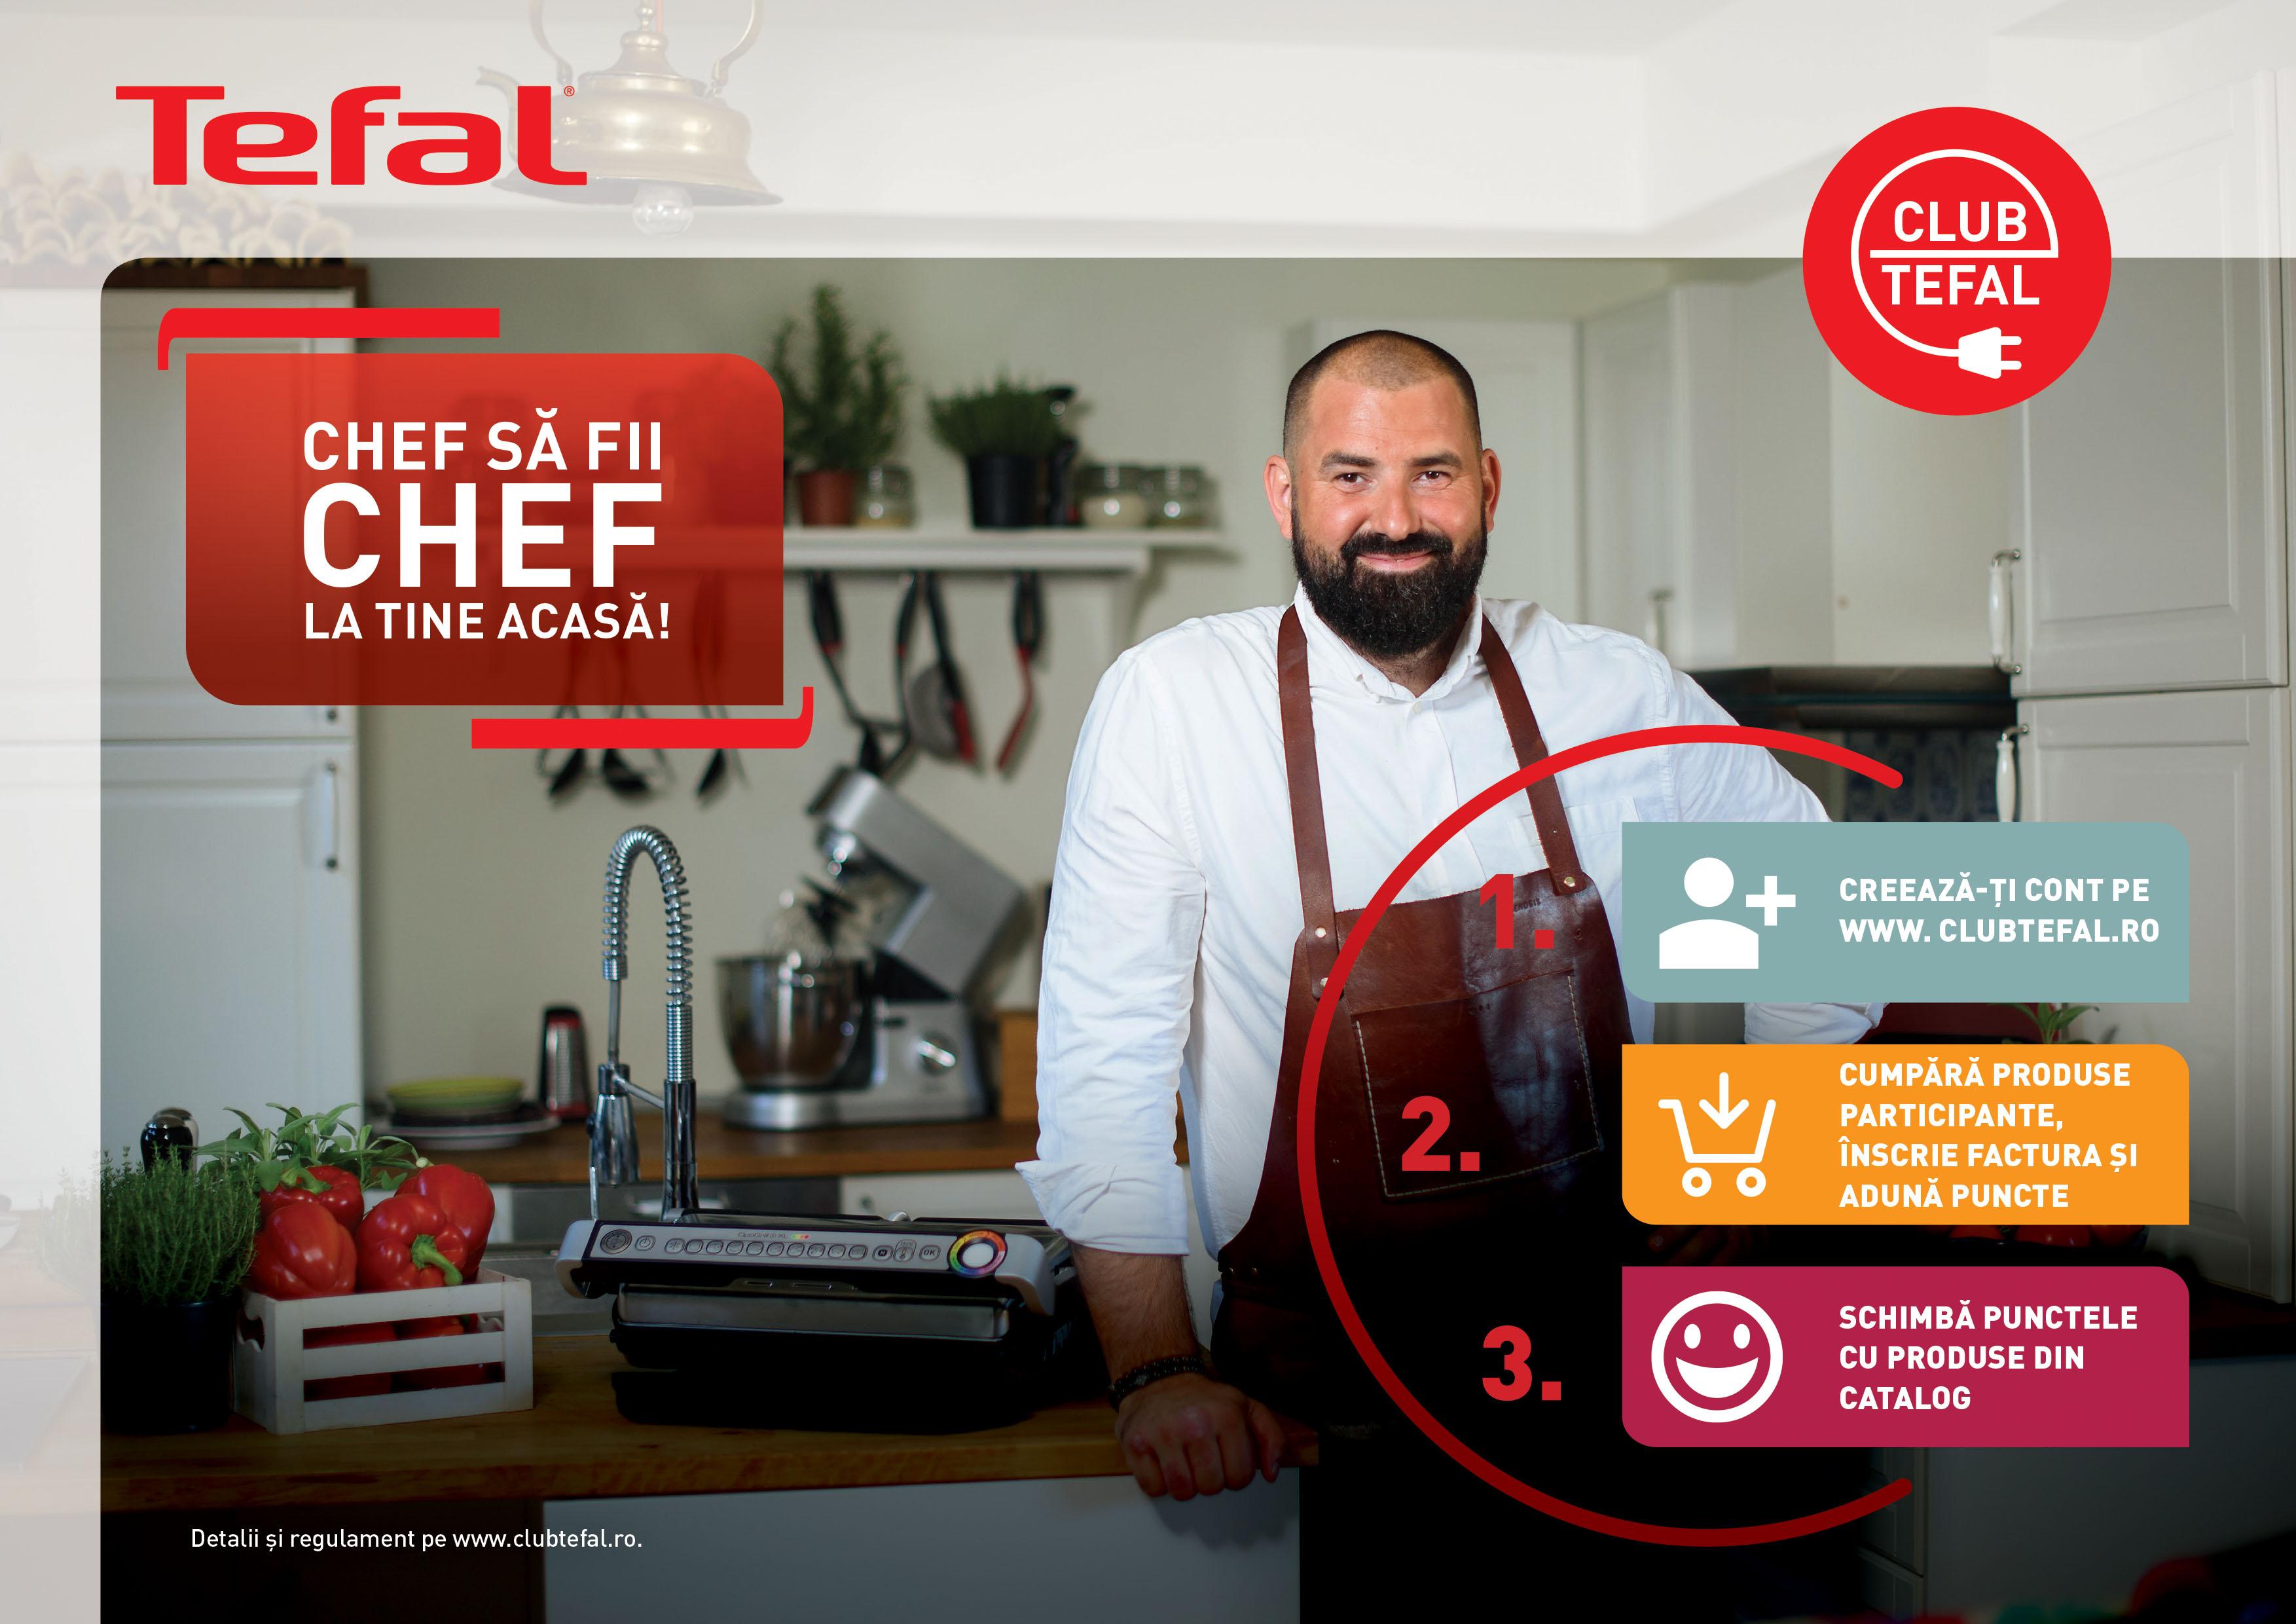 Inscrie-te in Club Tefal, acumuleaza puncte si alege-ti produsele din catalog